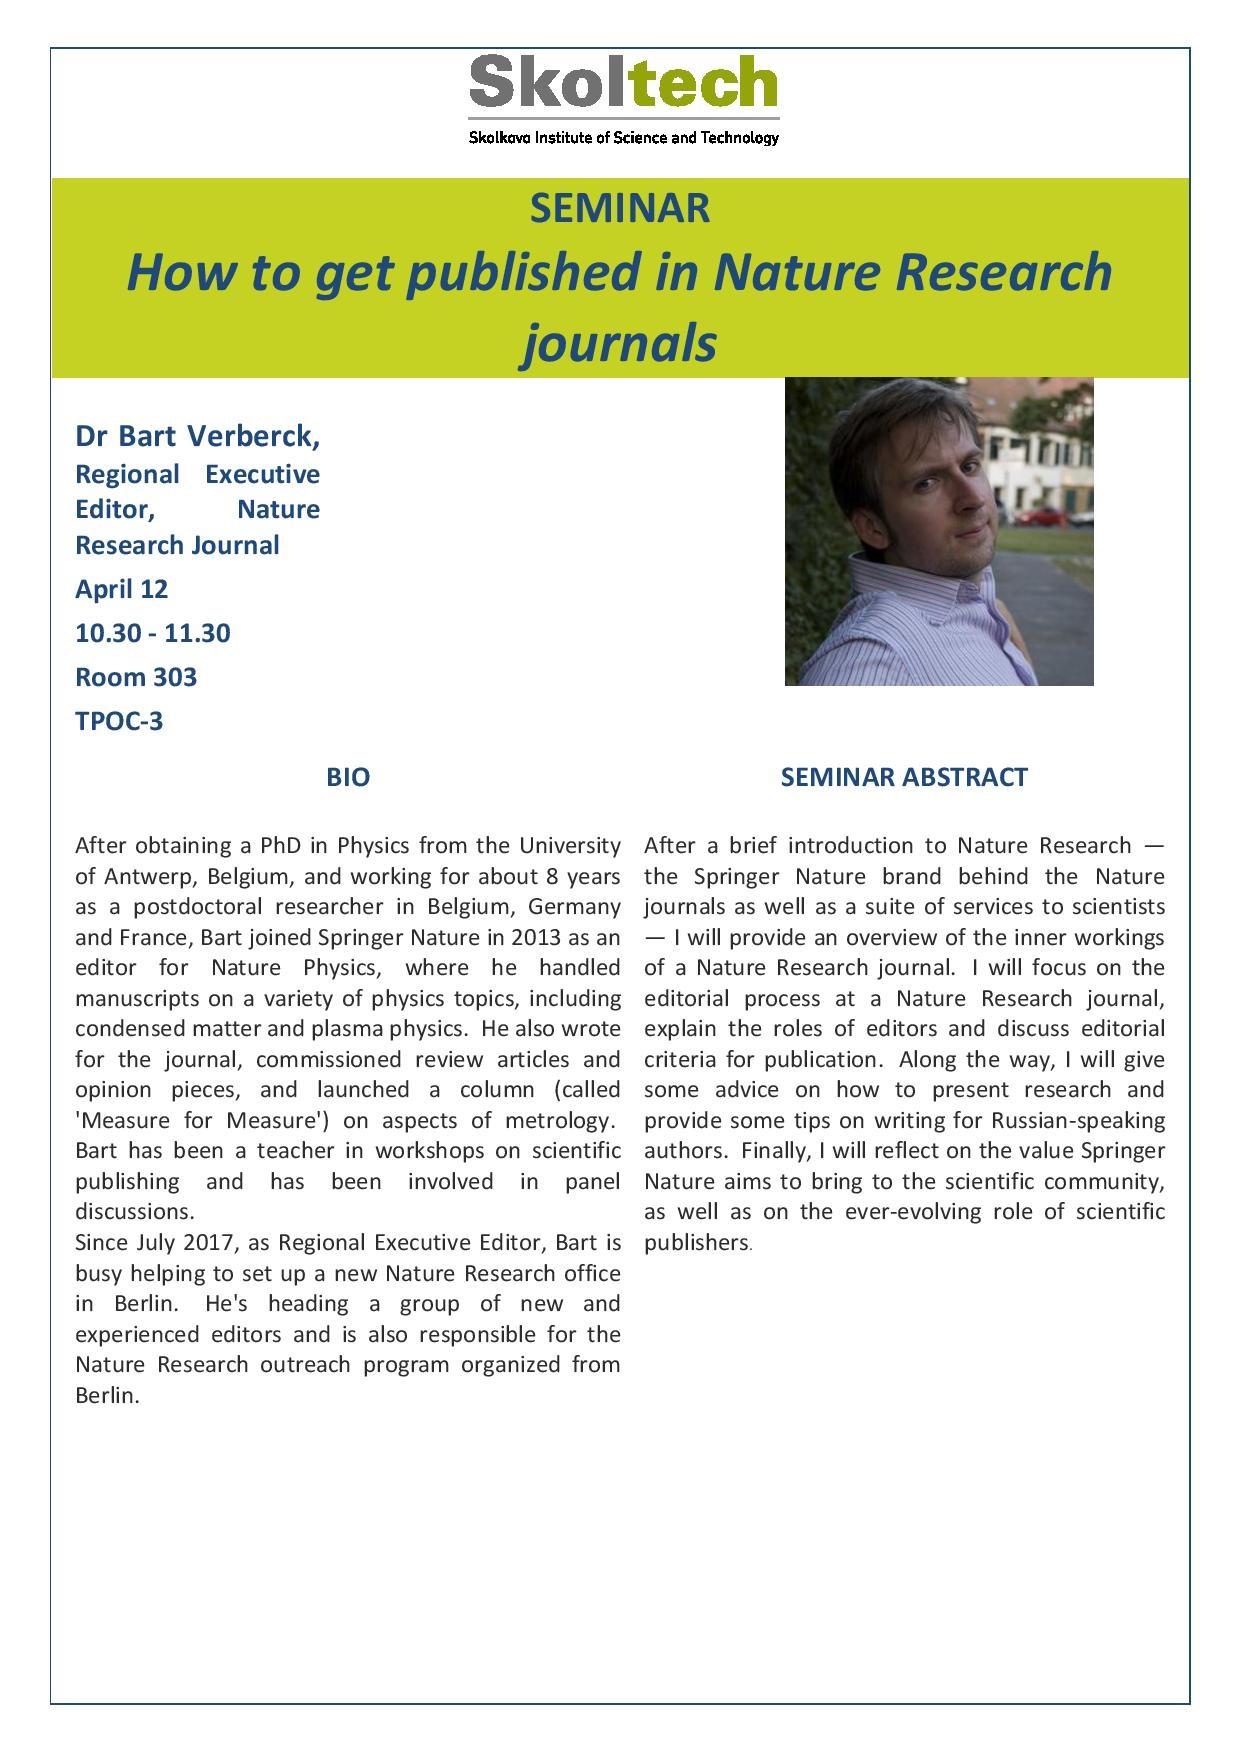 bv-nature-seminar-anons